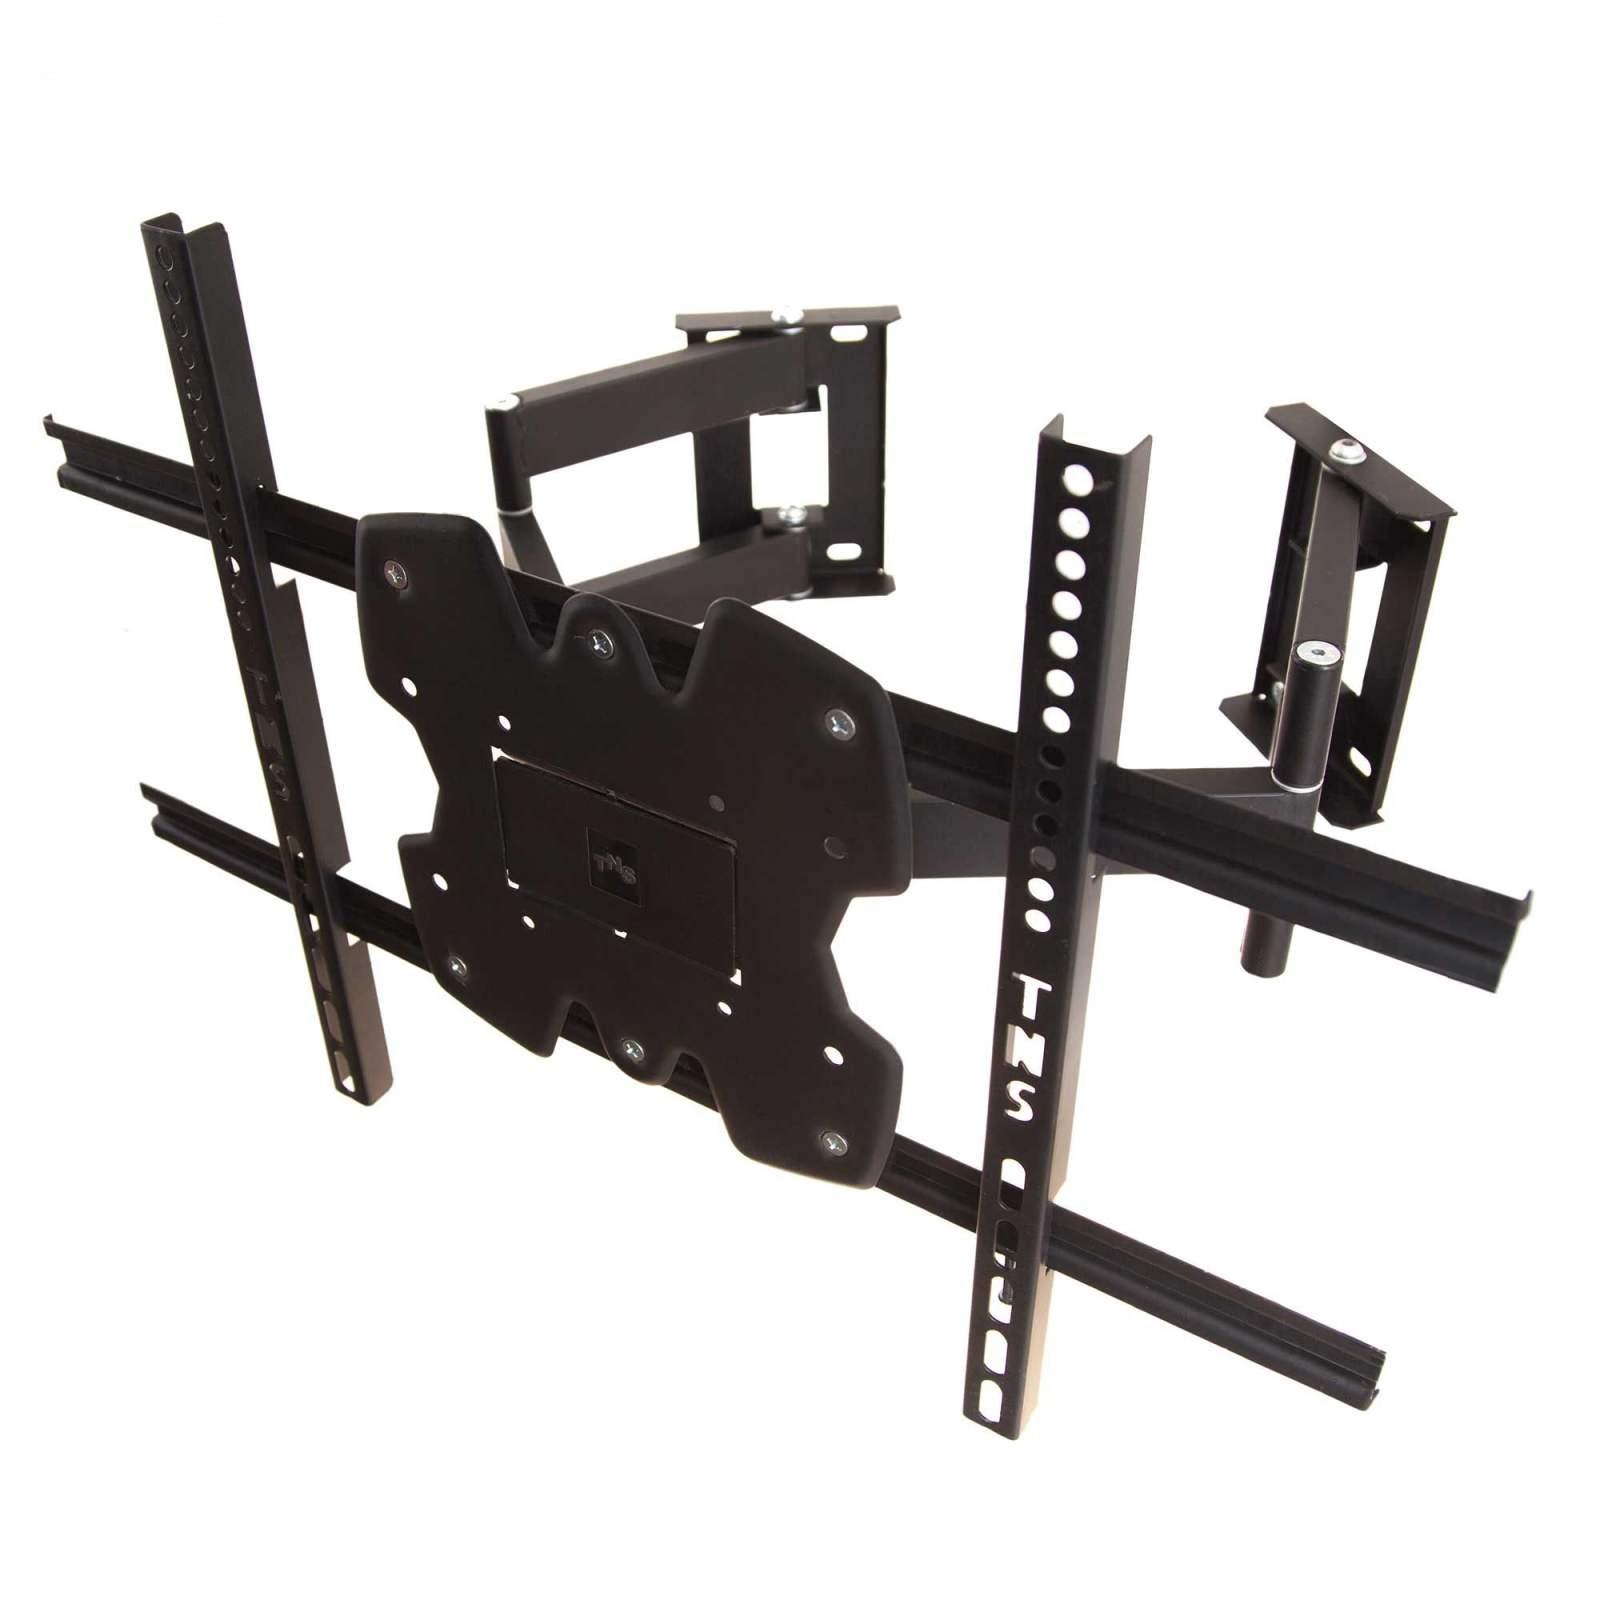 پایه دیواری تلوزیون تی ان اس مدل M05 مناسب برای تلوزیون های 32 تا 55 اینچ